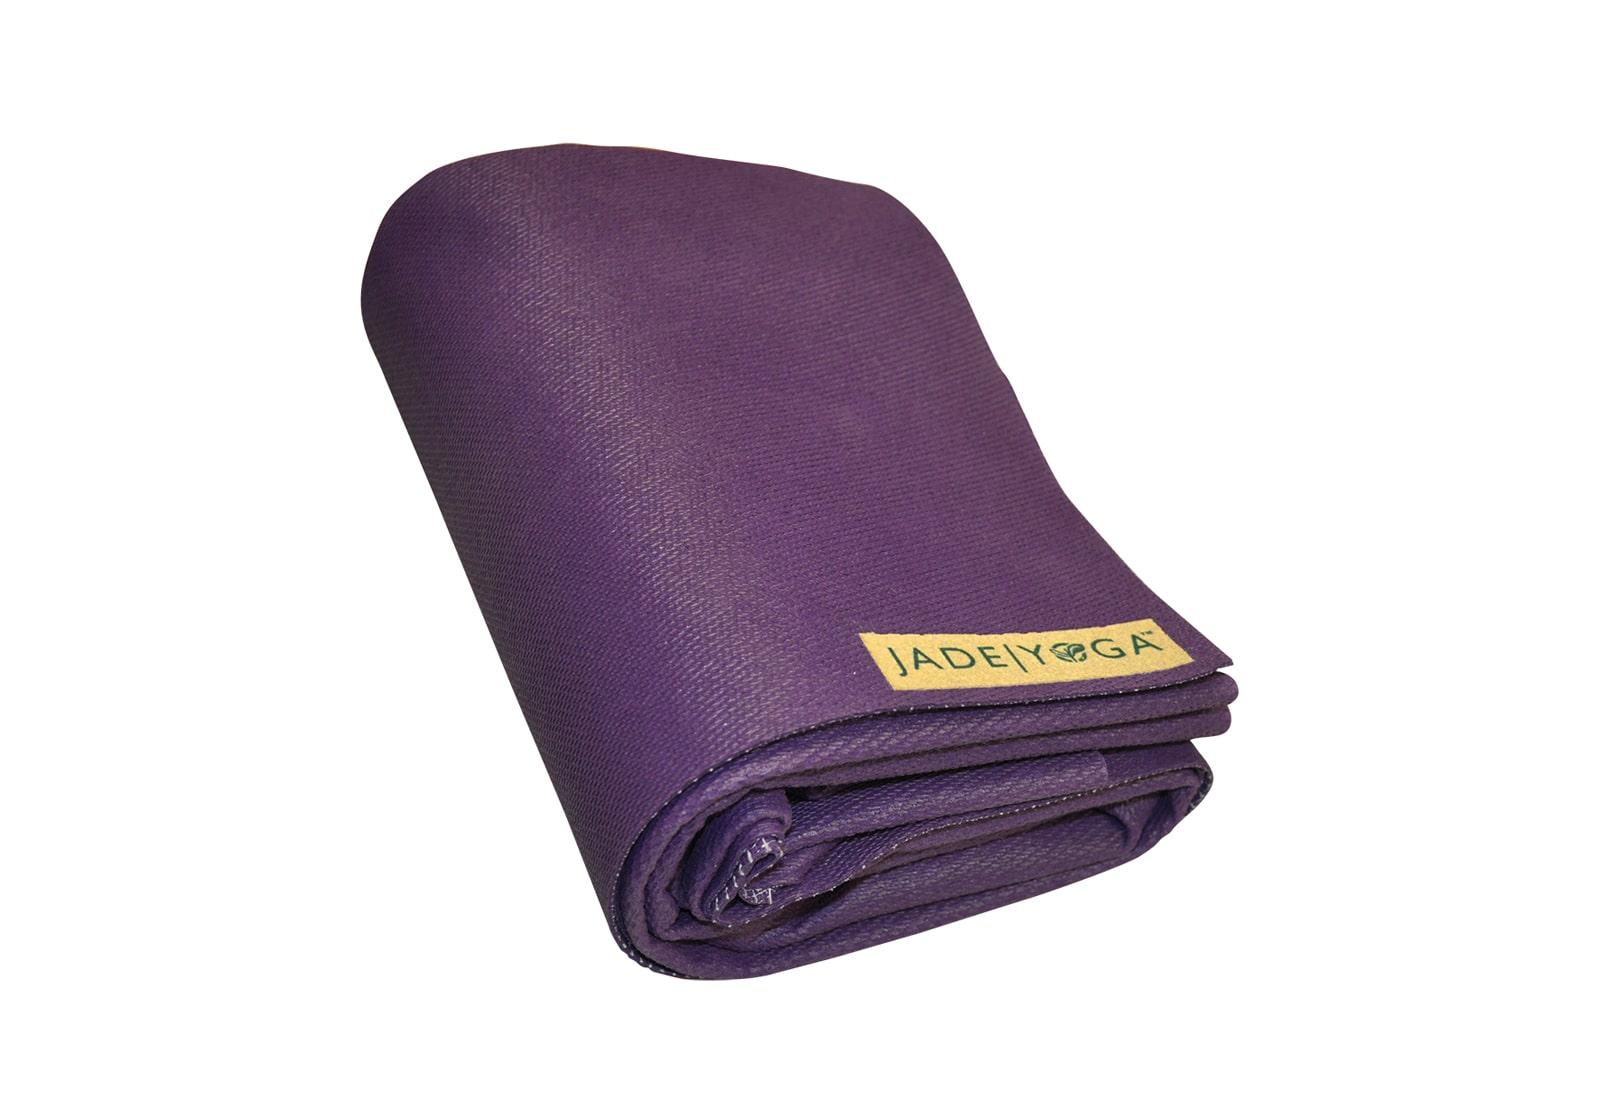 Voyager_Purple_folded-min.jpg